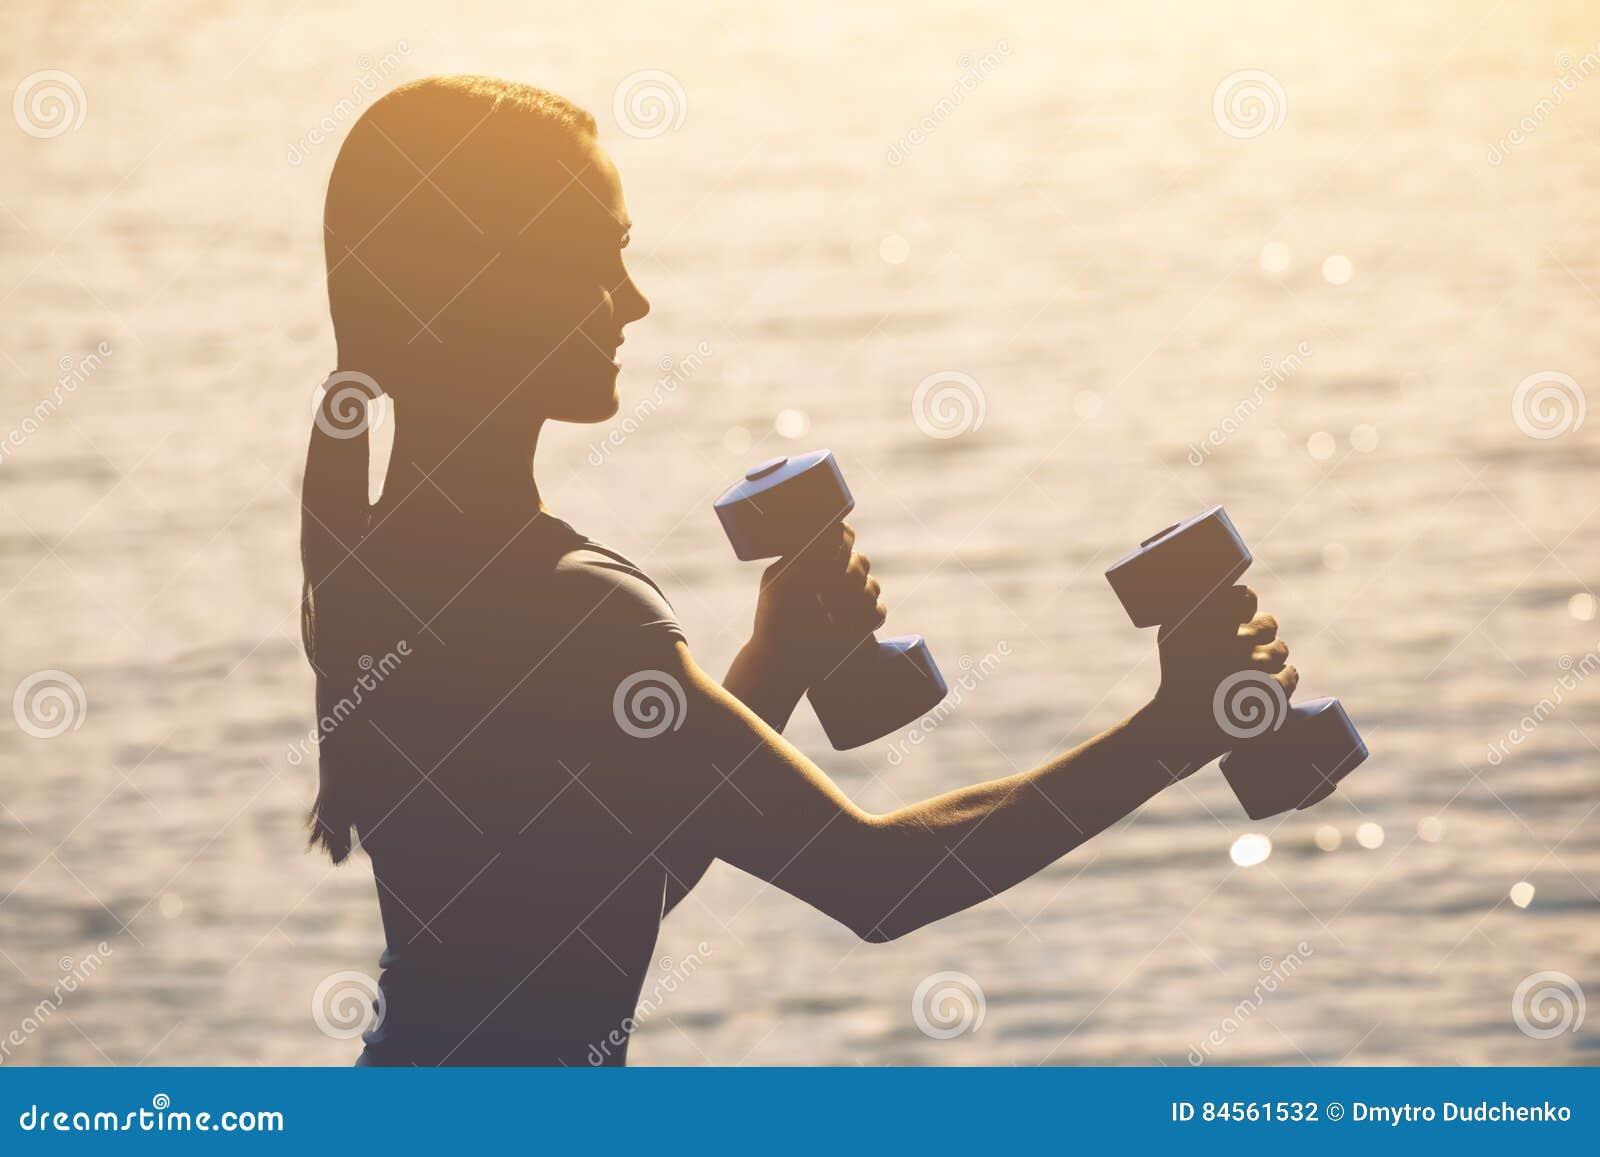 Le bel athlète impliqué dans les sports sur la rue conduit la formation avec des haltères dans des ses mains